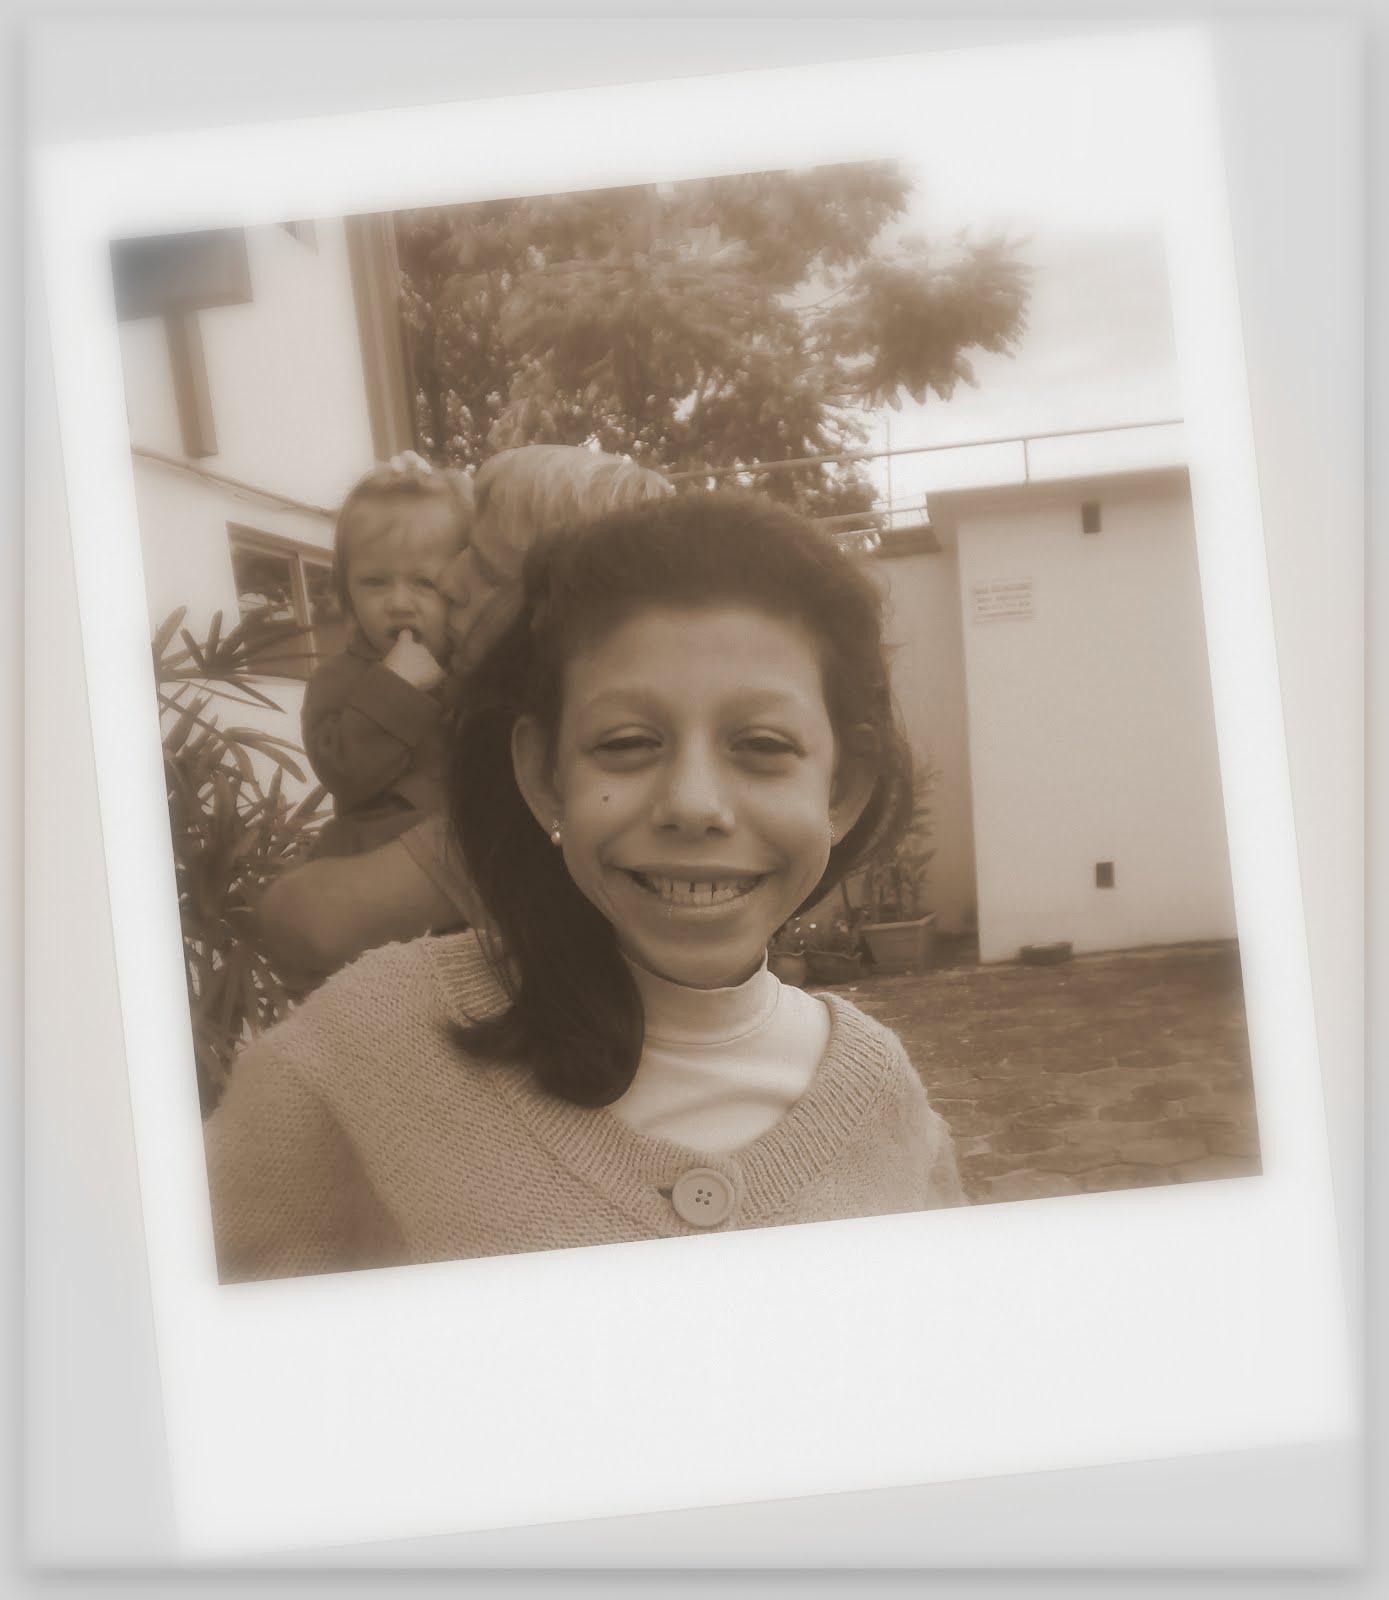 Minha filha, meu amor incondicional (S W)